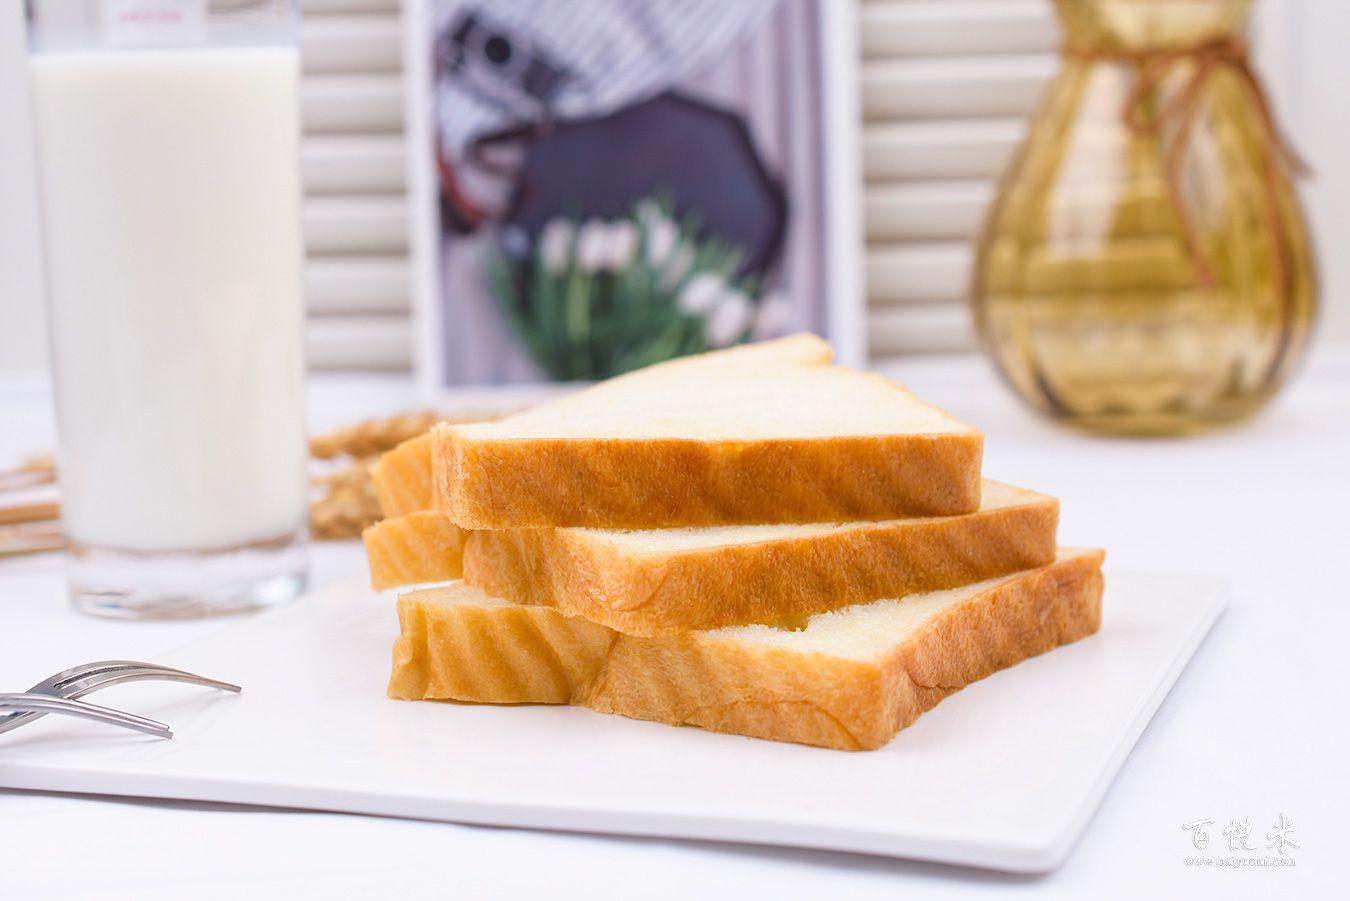 原味吐司面包高清图片大全【蛋糕图片】_329